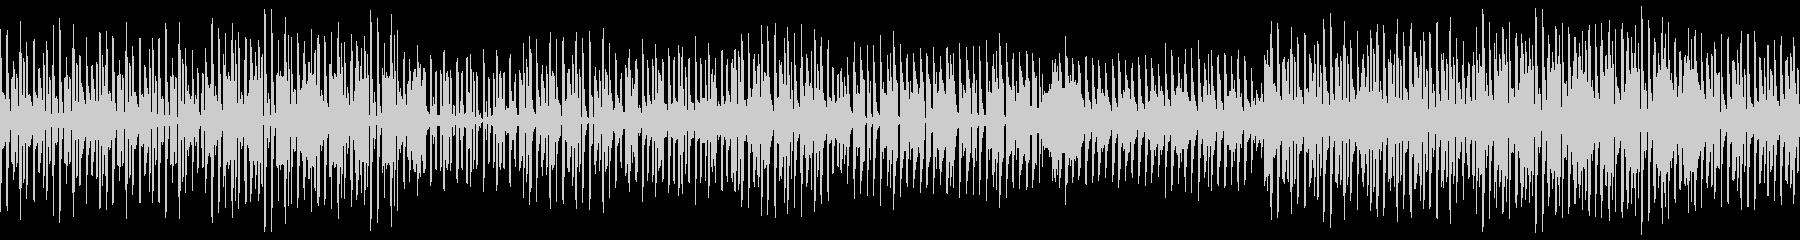 ソリッドな印象のレトロテクノBGMの未再生の波形